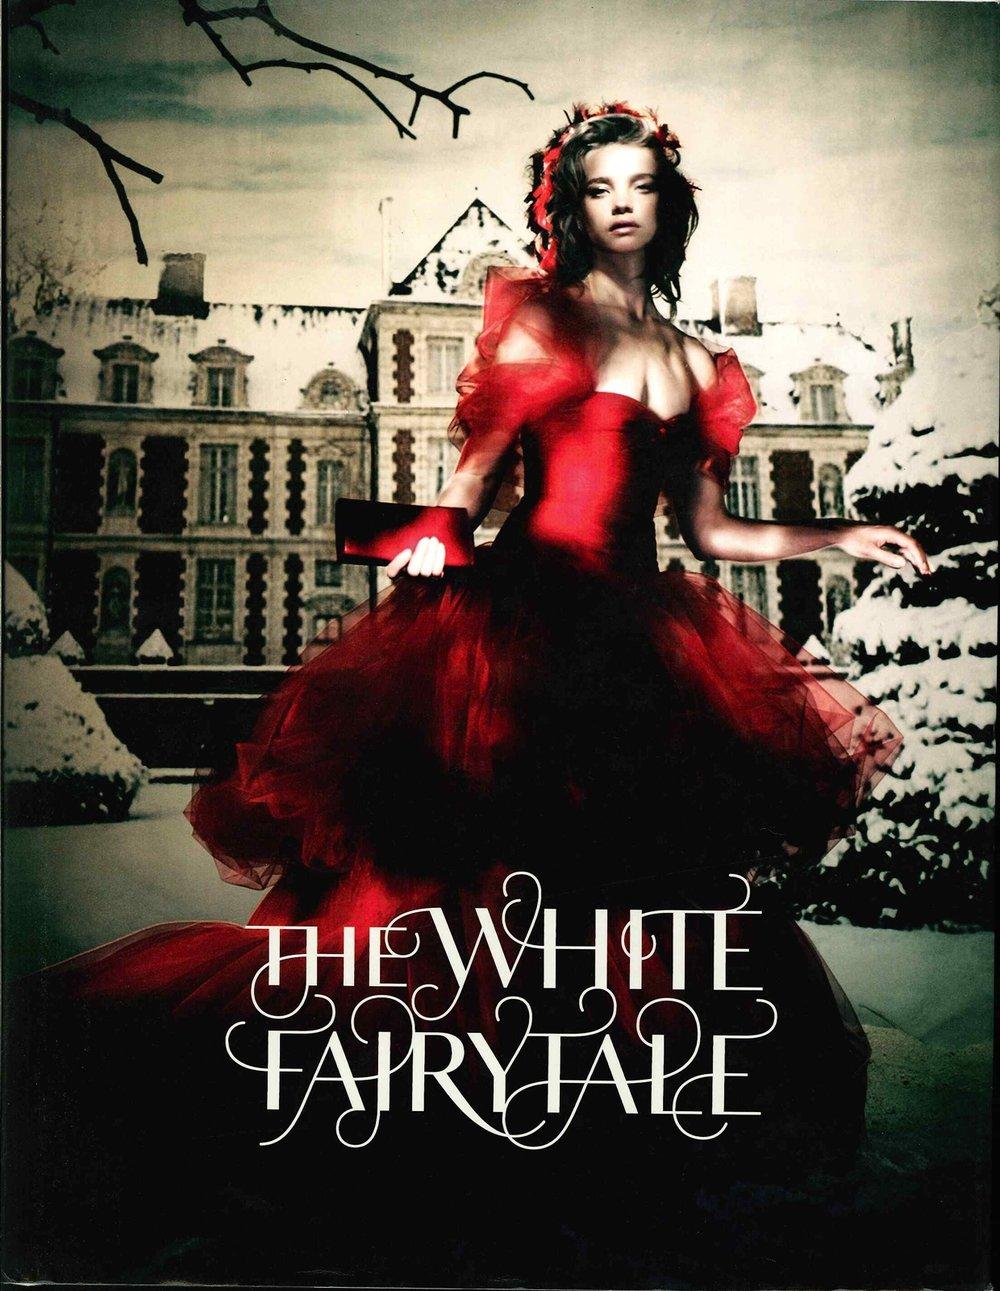 Giovanna-Battaglia-1-The-White-Fairy-Tale-Natalia-Vodianova.jpg